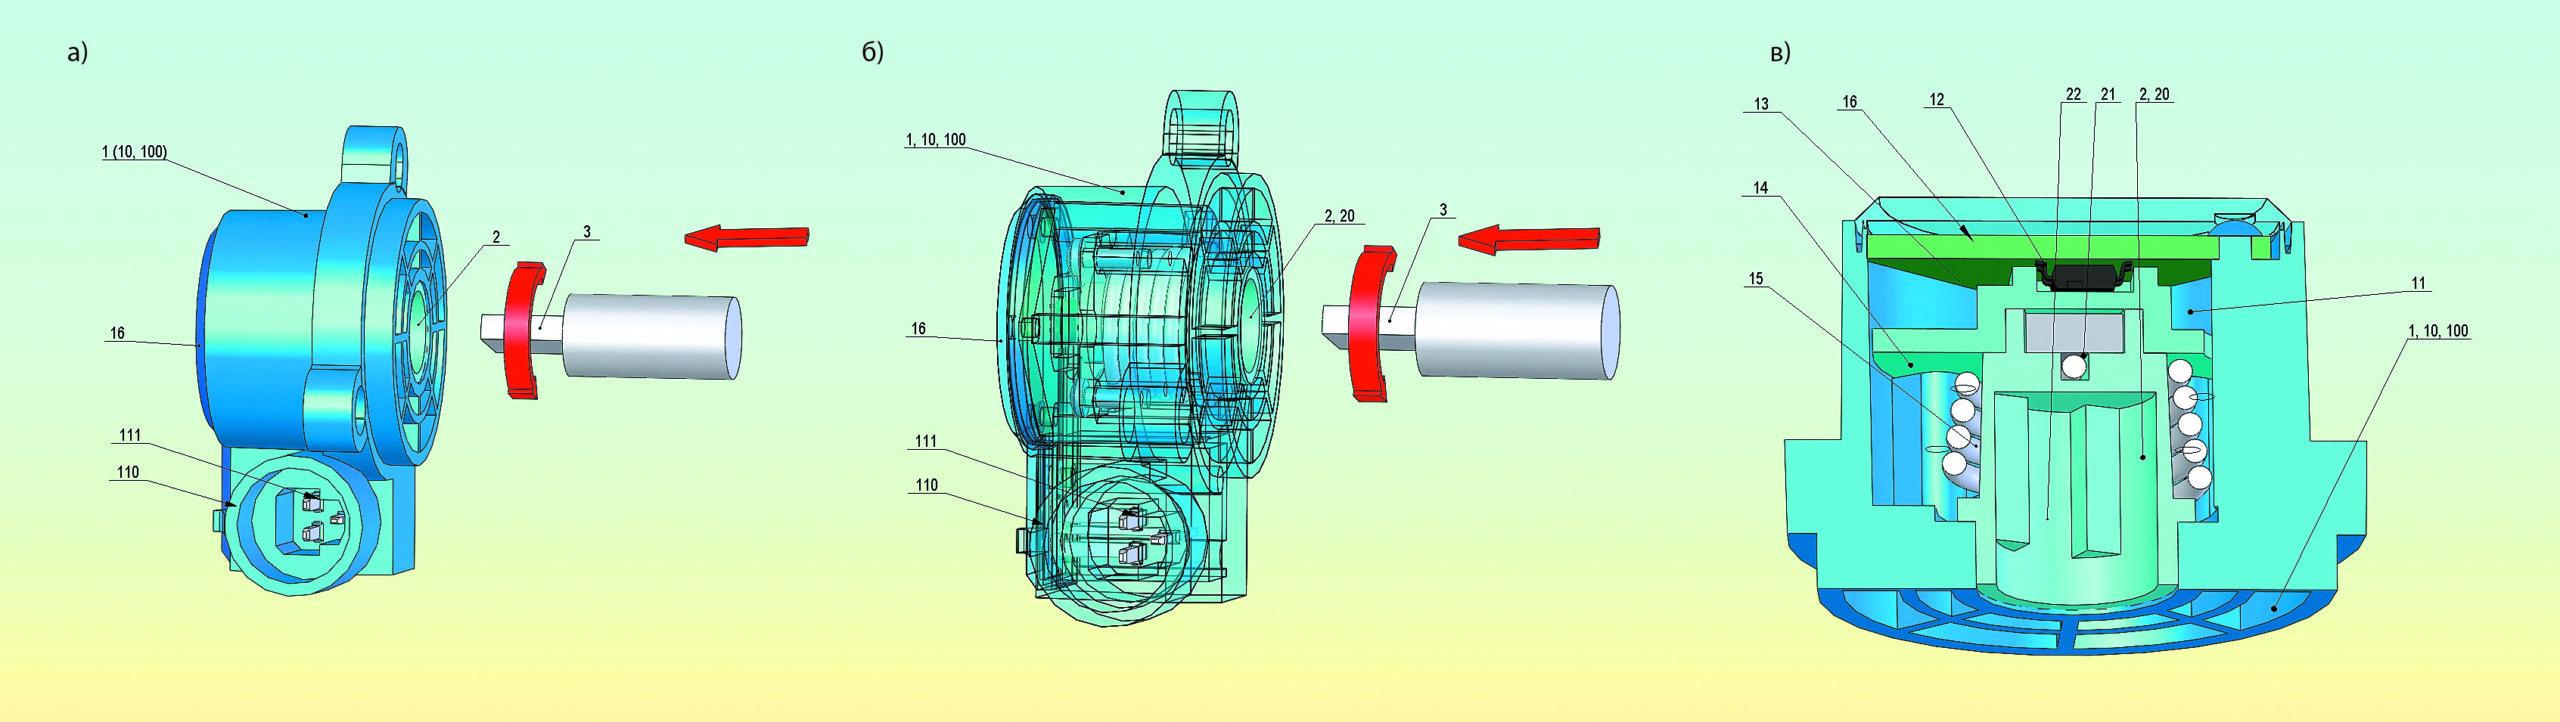 Ключевой пример автомобильных датчиков магнитного поля на основе эффекта Холла: датчик положения дроссельной заслонки (датчик абсолютного углового положения дипольного диаметрально намагниченного магнита)